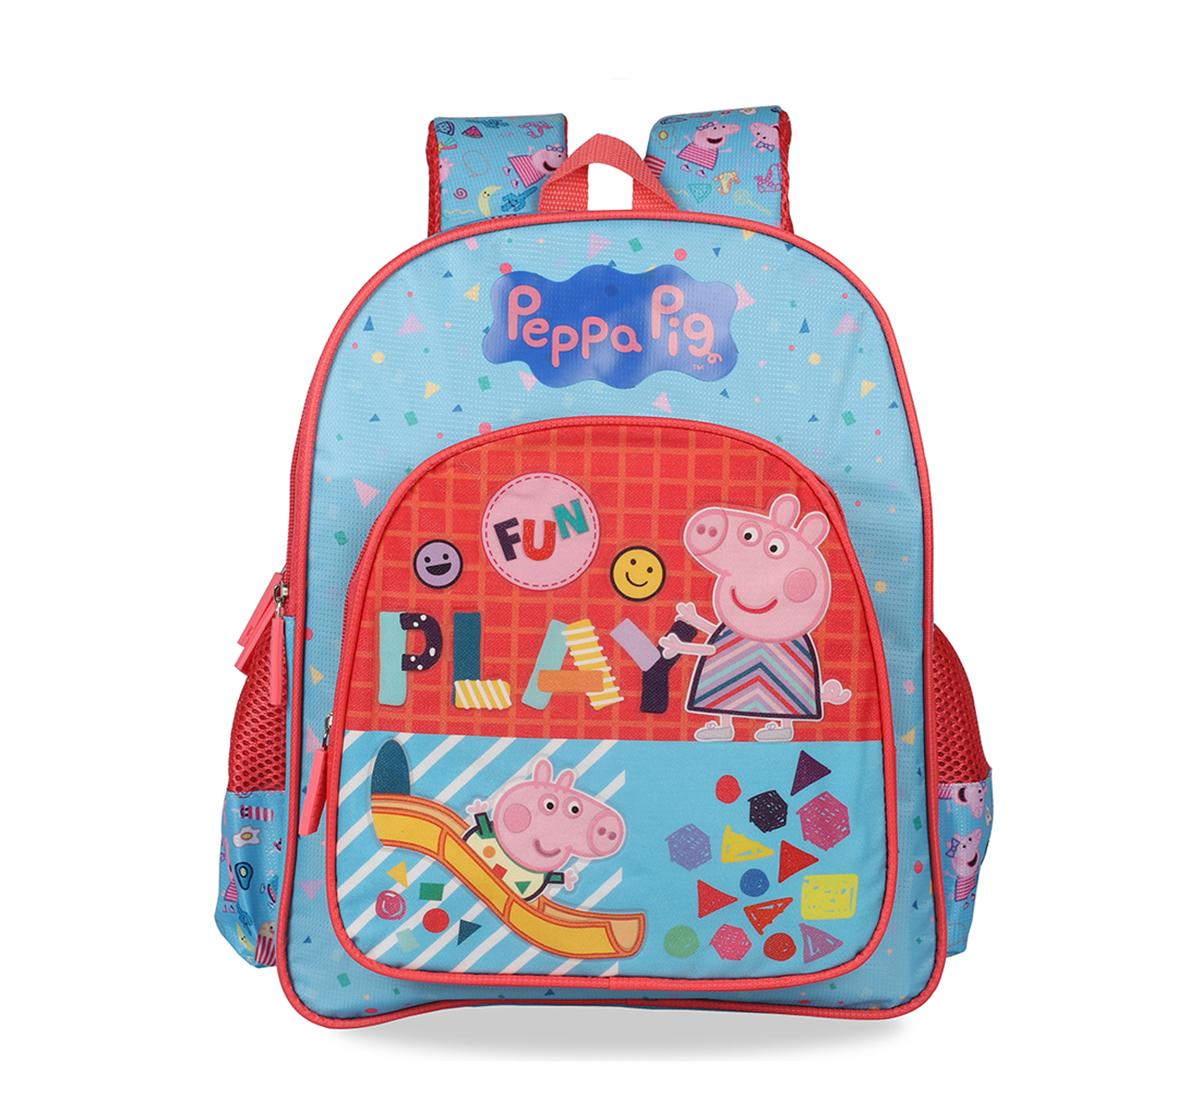 Peppa Pig |  Peppa Pig Fun Play School Bag 41 Cm for Kids age 7Y+